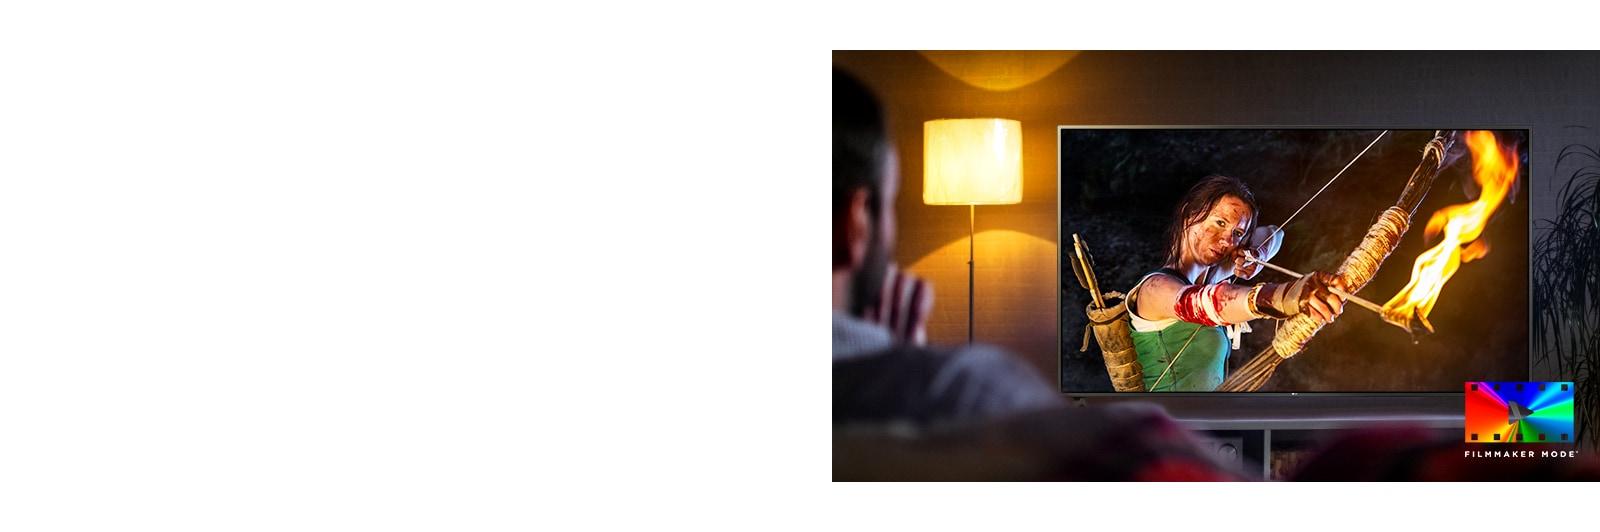 Čovek sedi na kauču i gleda akcioni film. Devojka na televizoru ima potpuno zategnut luk i strelu.